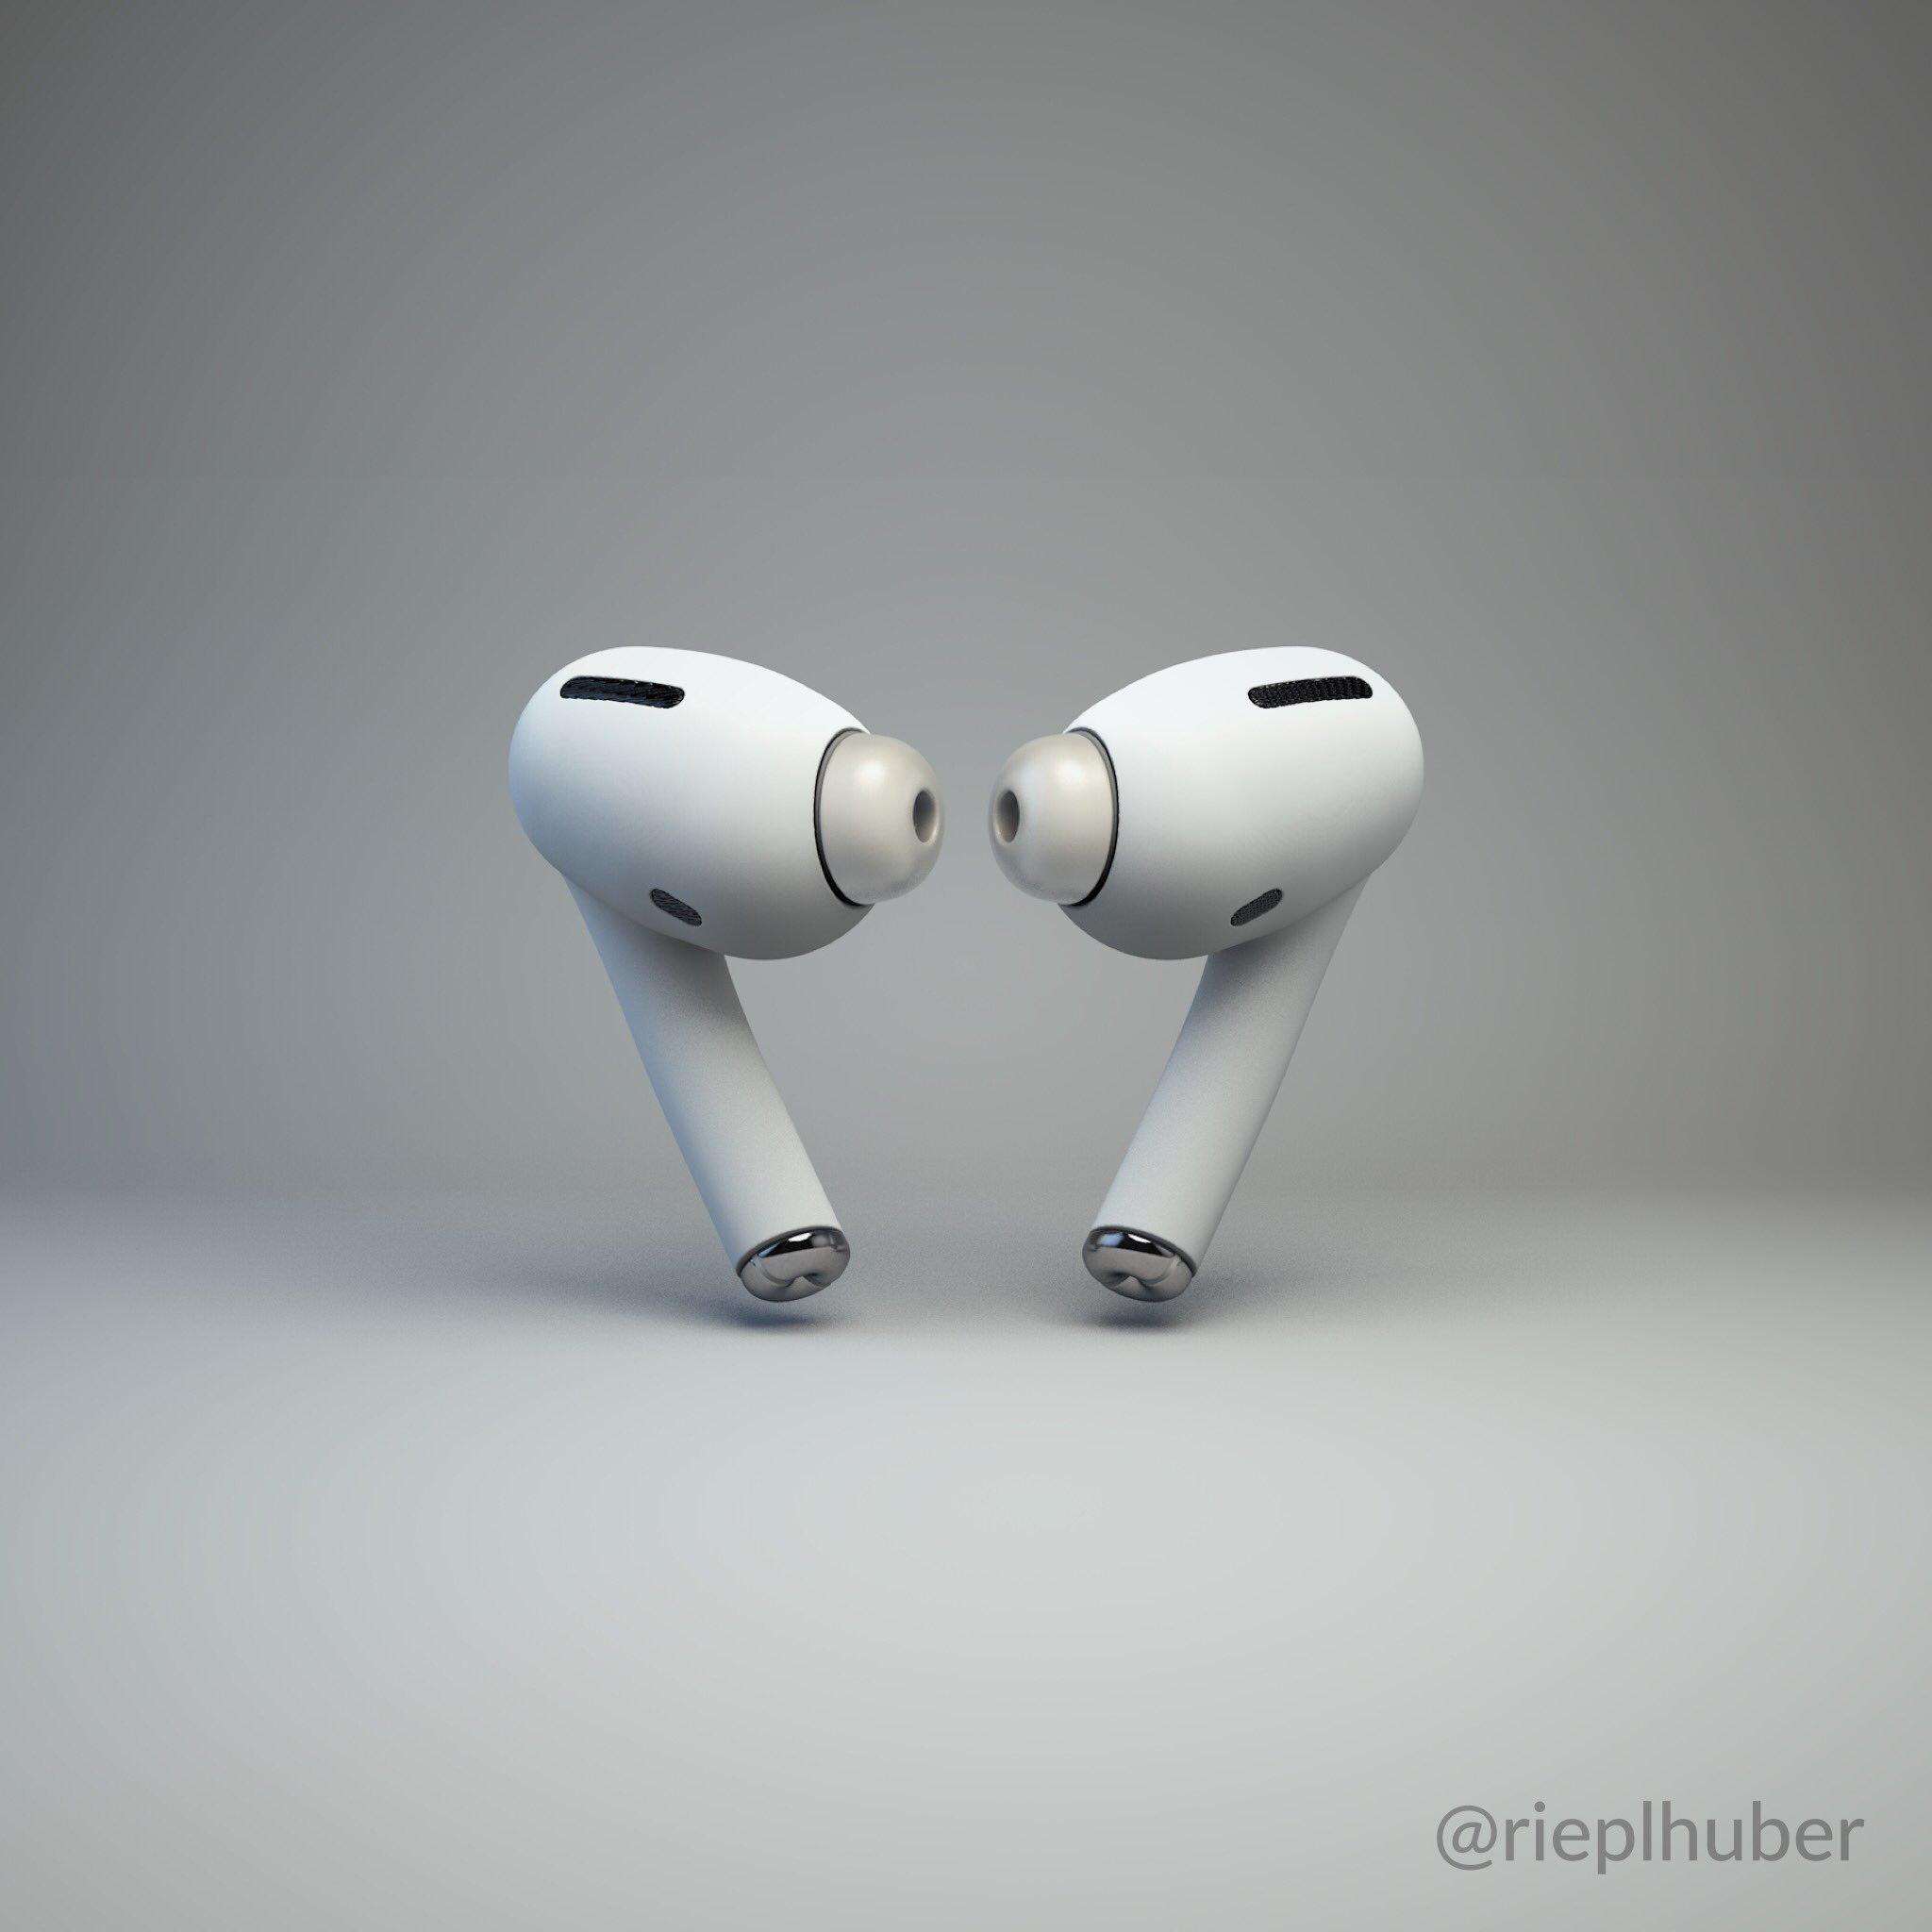 Apple AirPods 3 : iOS 13.2 révèle par erreur le design des nouveaux écouteurs